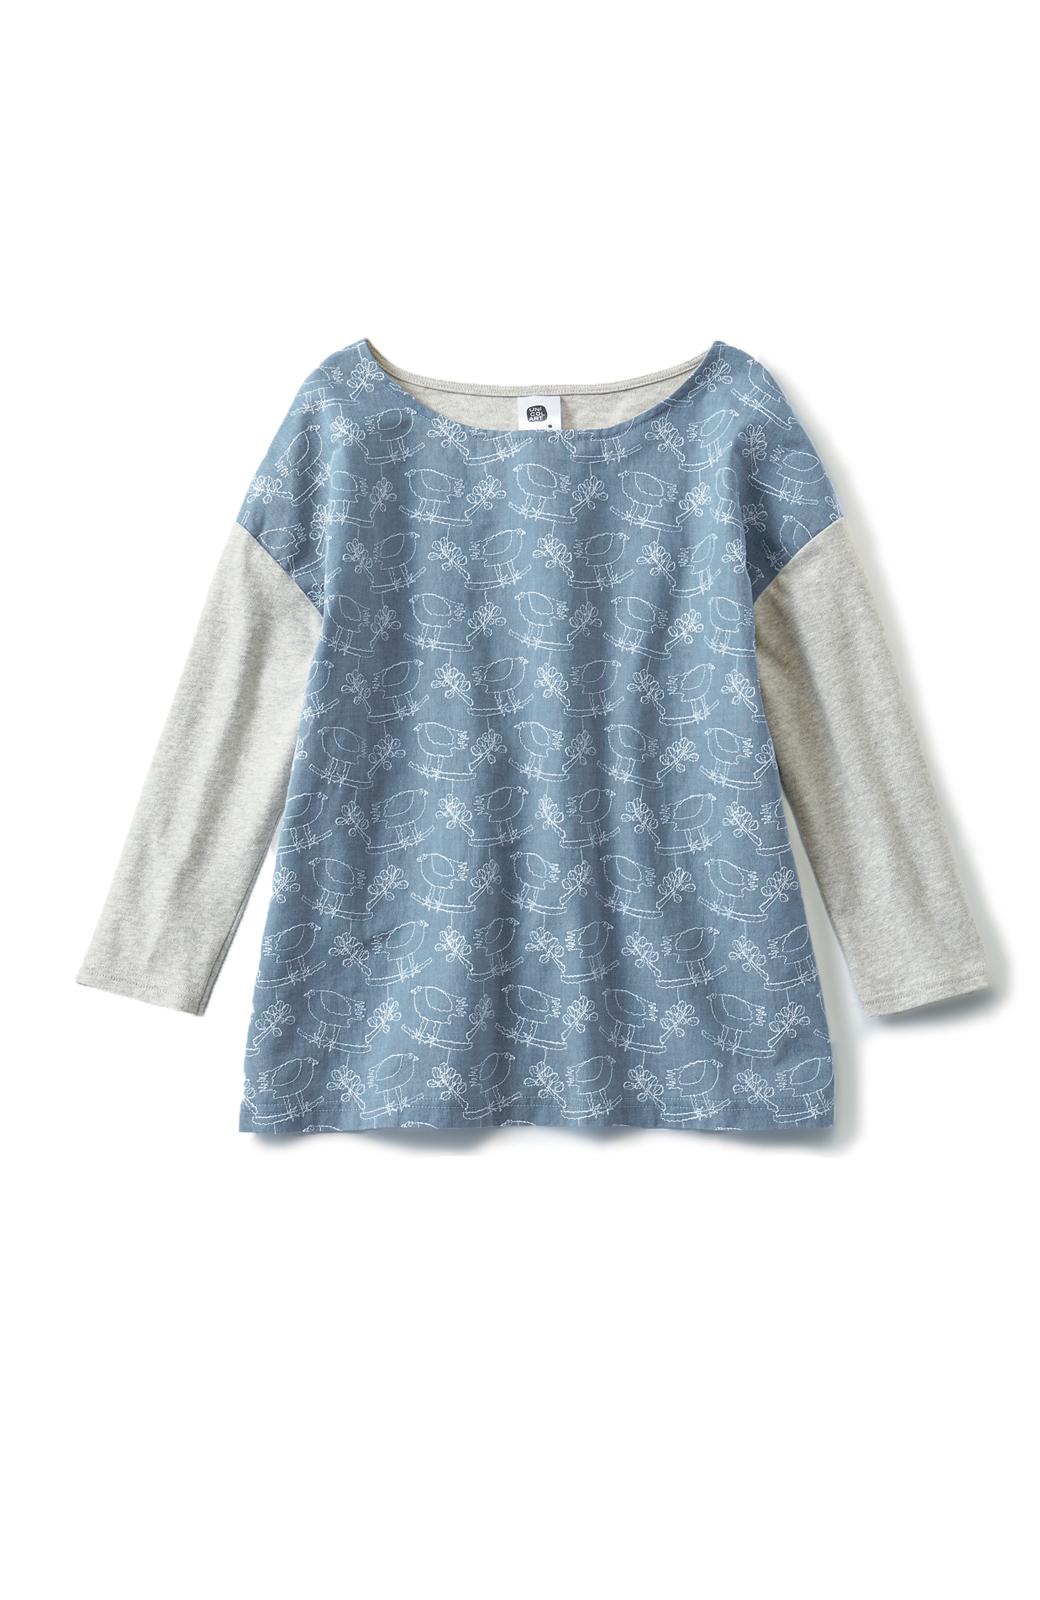 haco! ユニカラート OHTA KOSUKE 鳥と葉っぱ 刺しゅう布&カットソーのコンビトップス <ブルー>の商品写真1